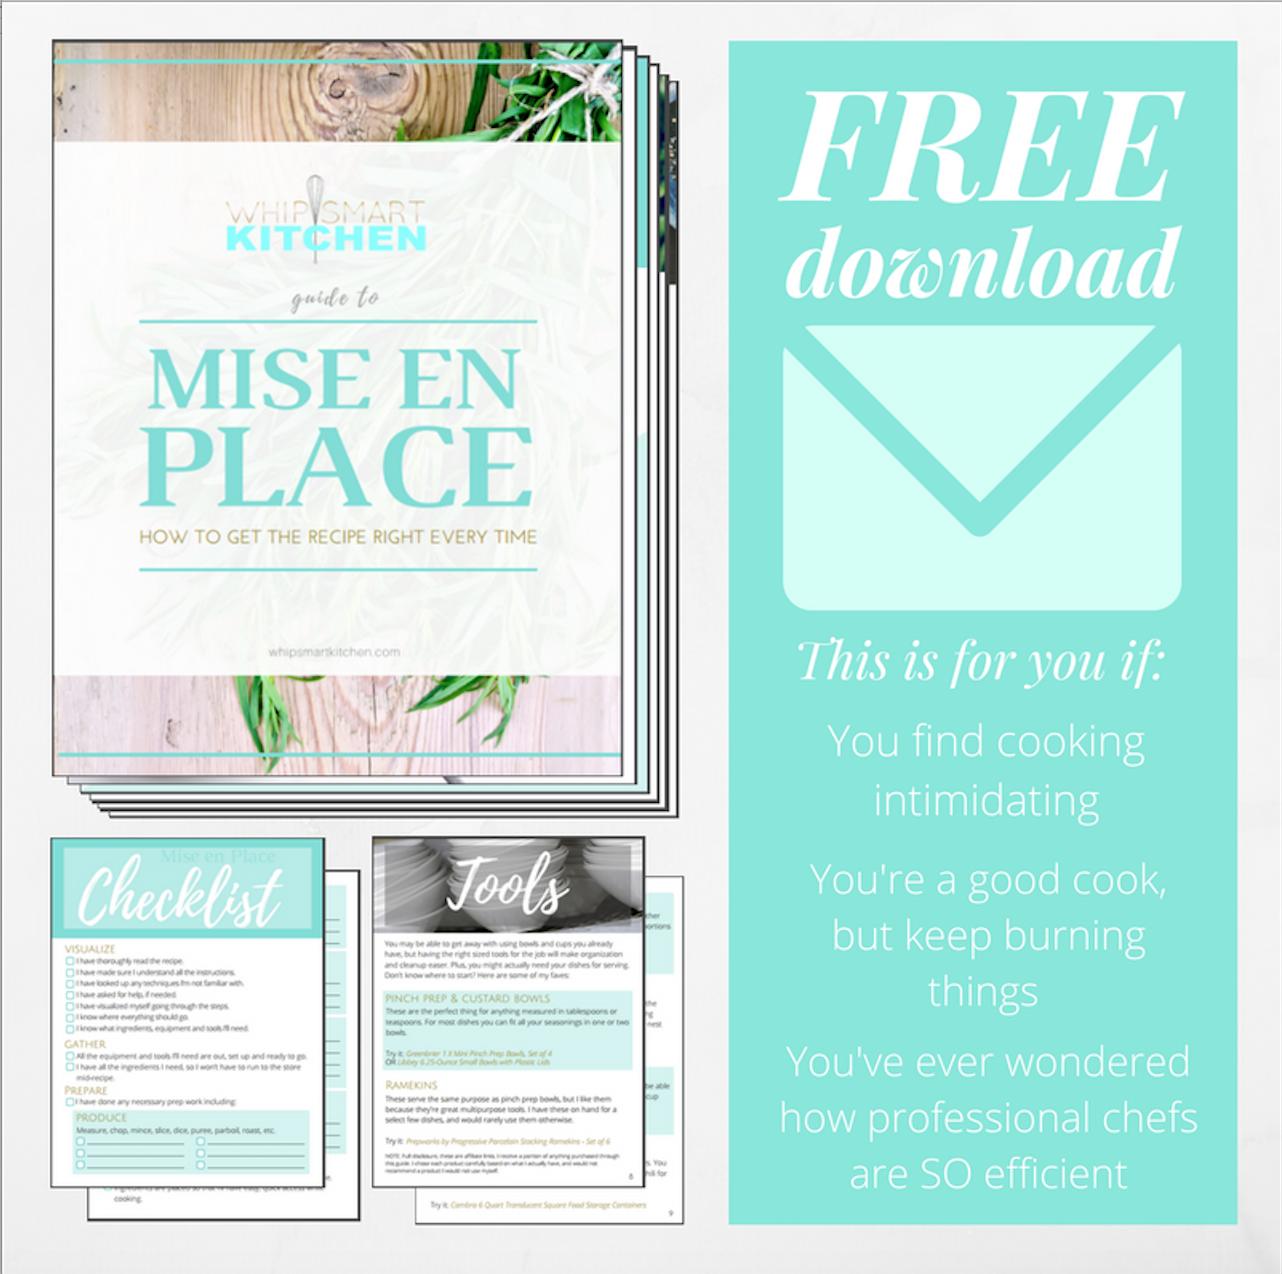 whipsmart-kitchen-mise-en-place-download.png